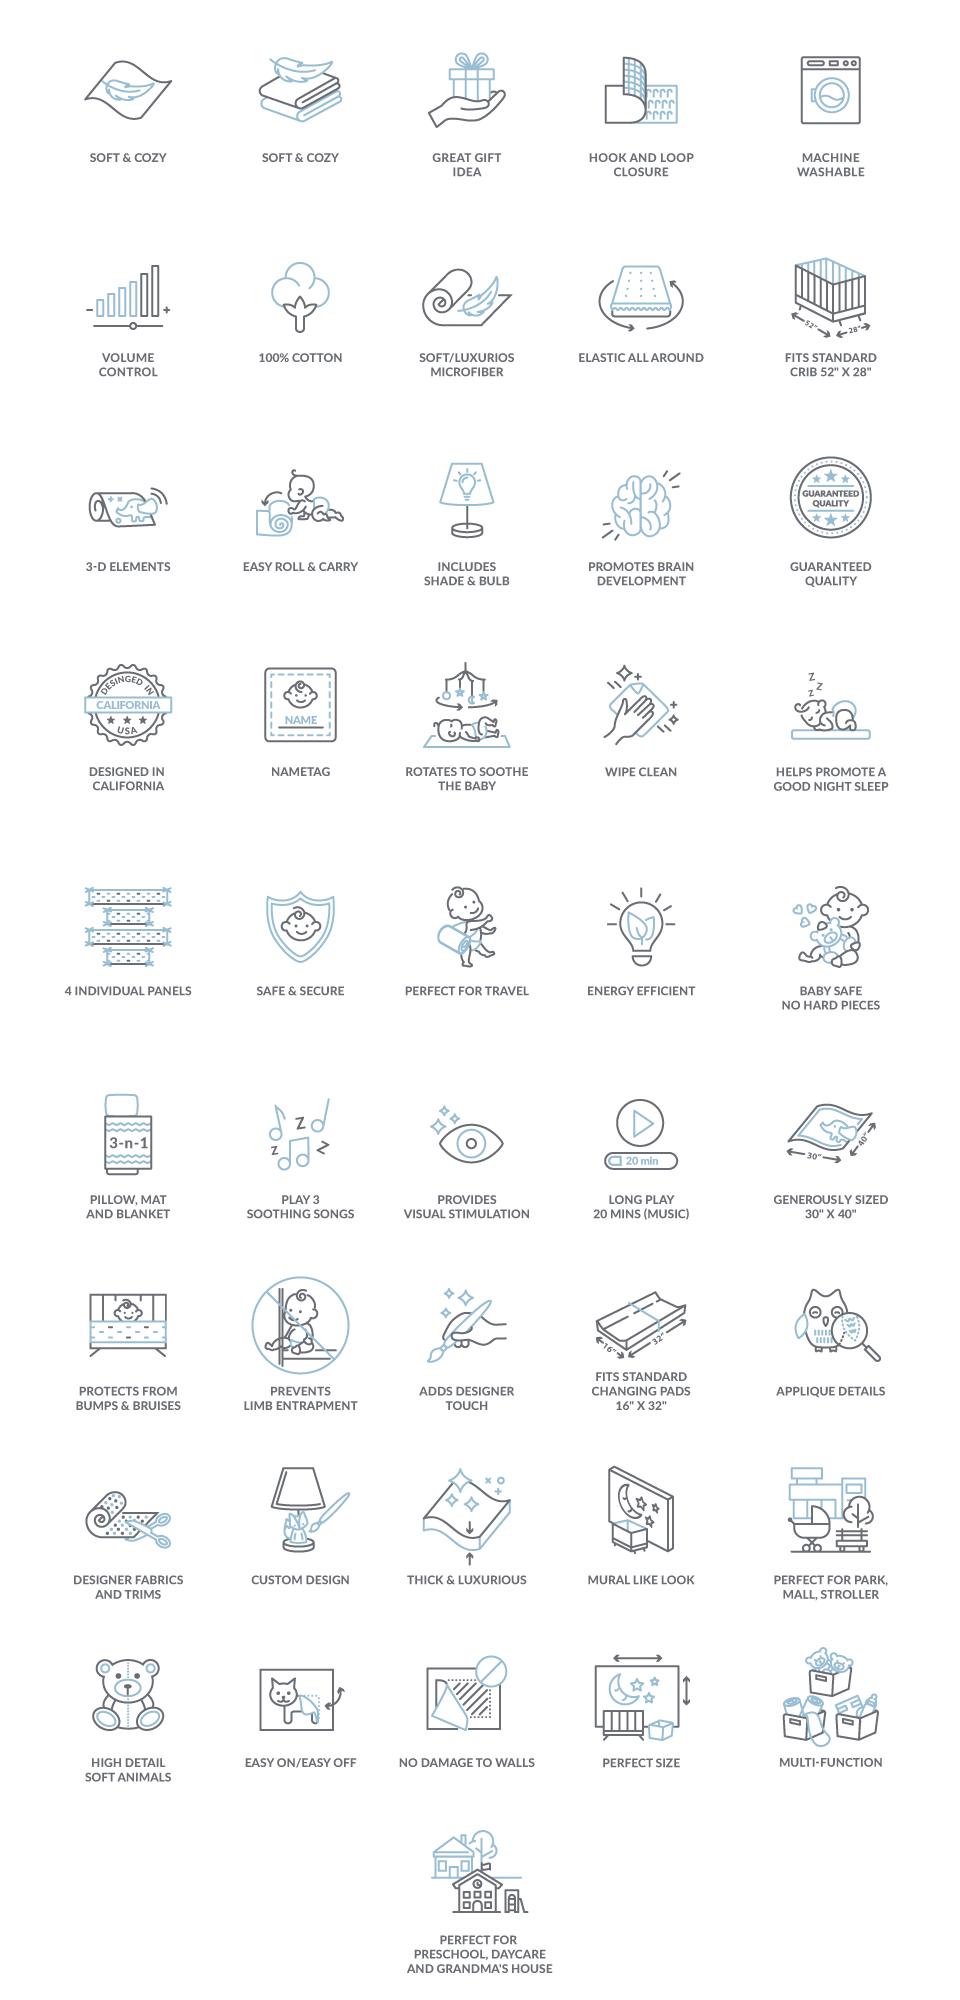 Icons for Amazon Enhanced Brand Content (EBC)